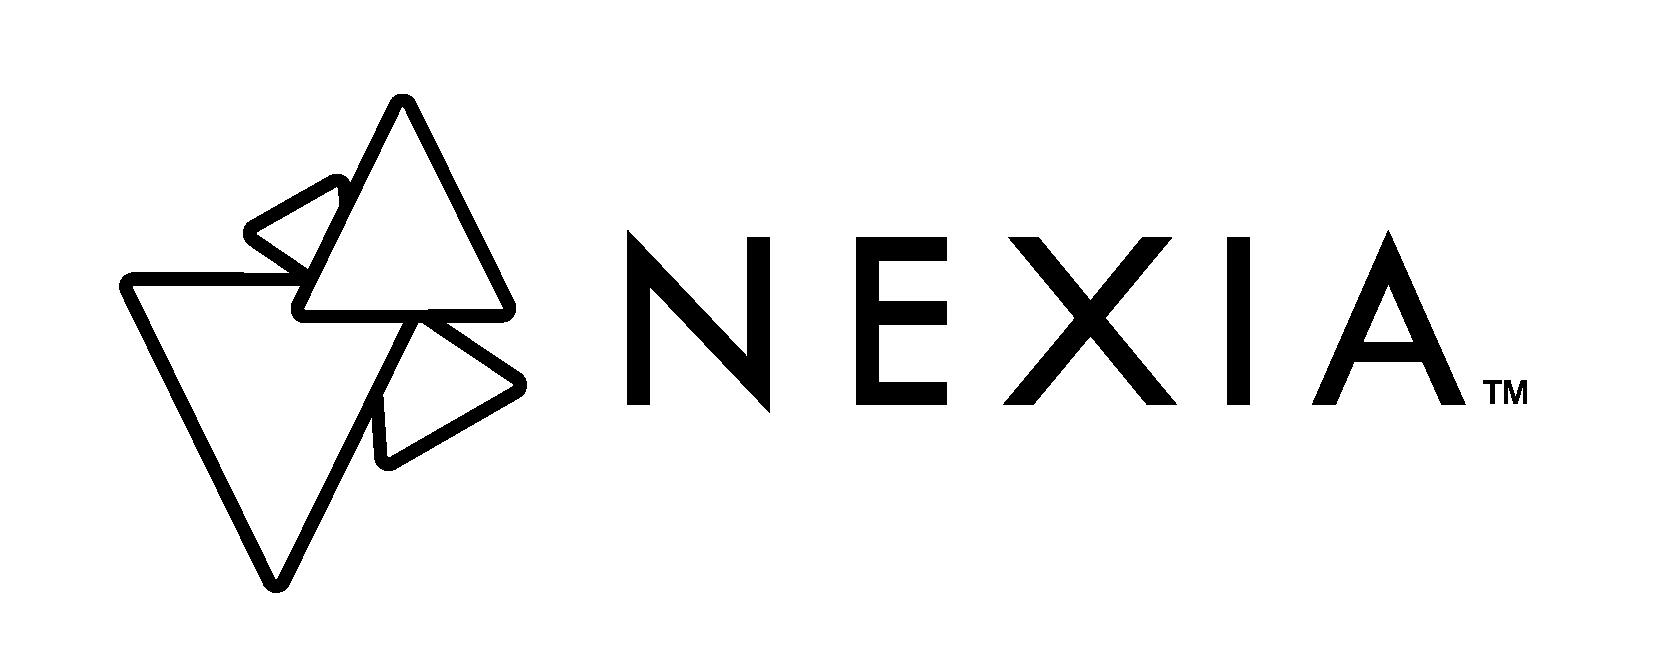 MEXIA black and white logo